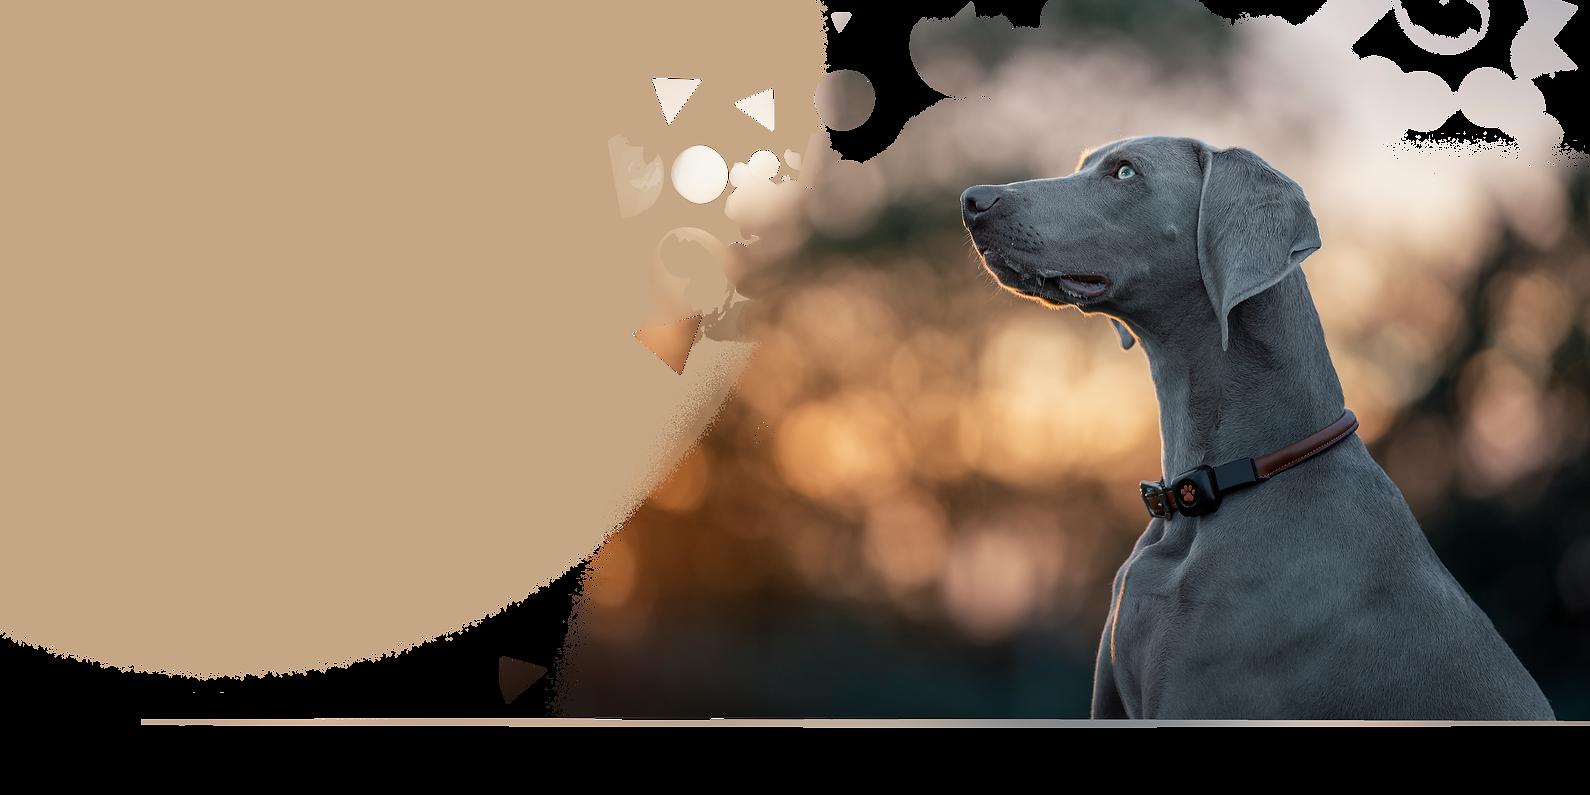 Dog Photos Gift Voucher 2020 Website Bac